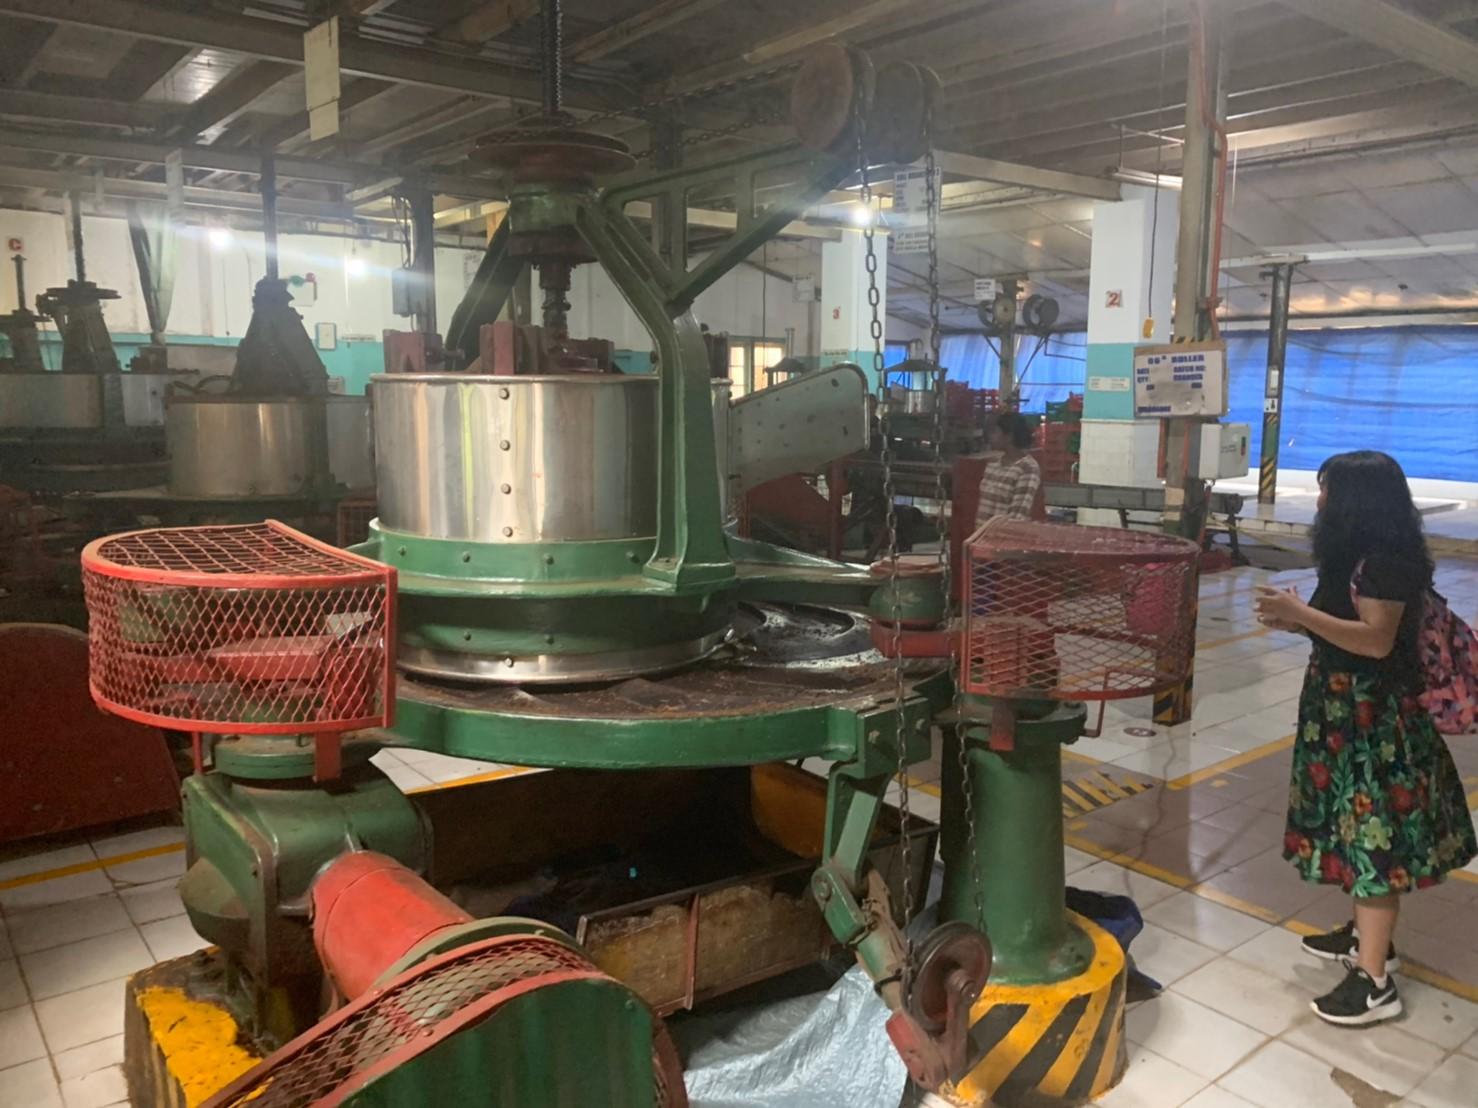 ゲラガマ・ティー・ファクトリーの製造工程